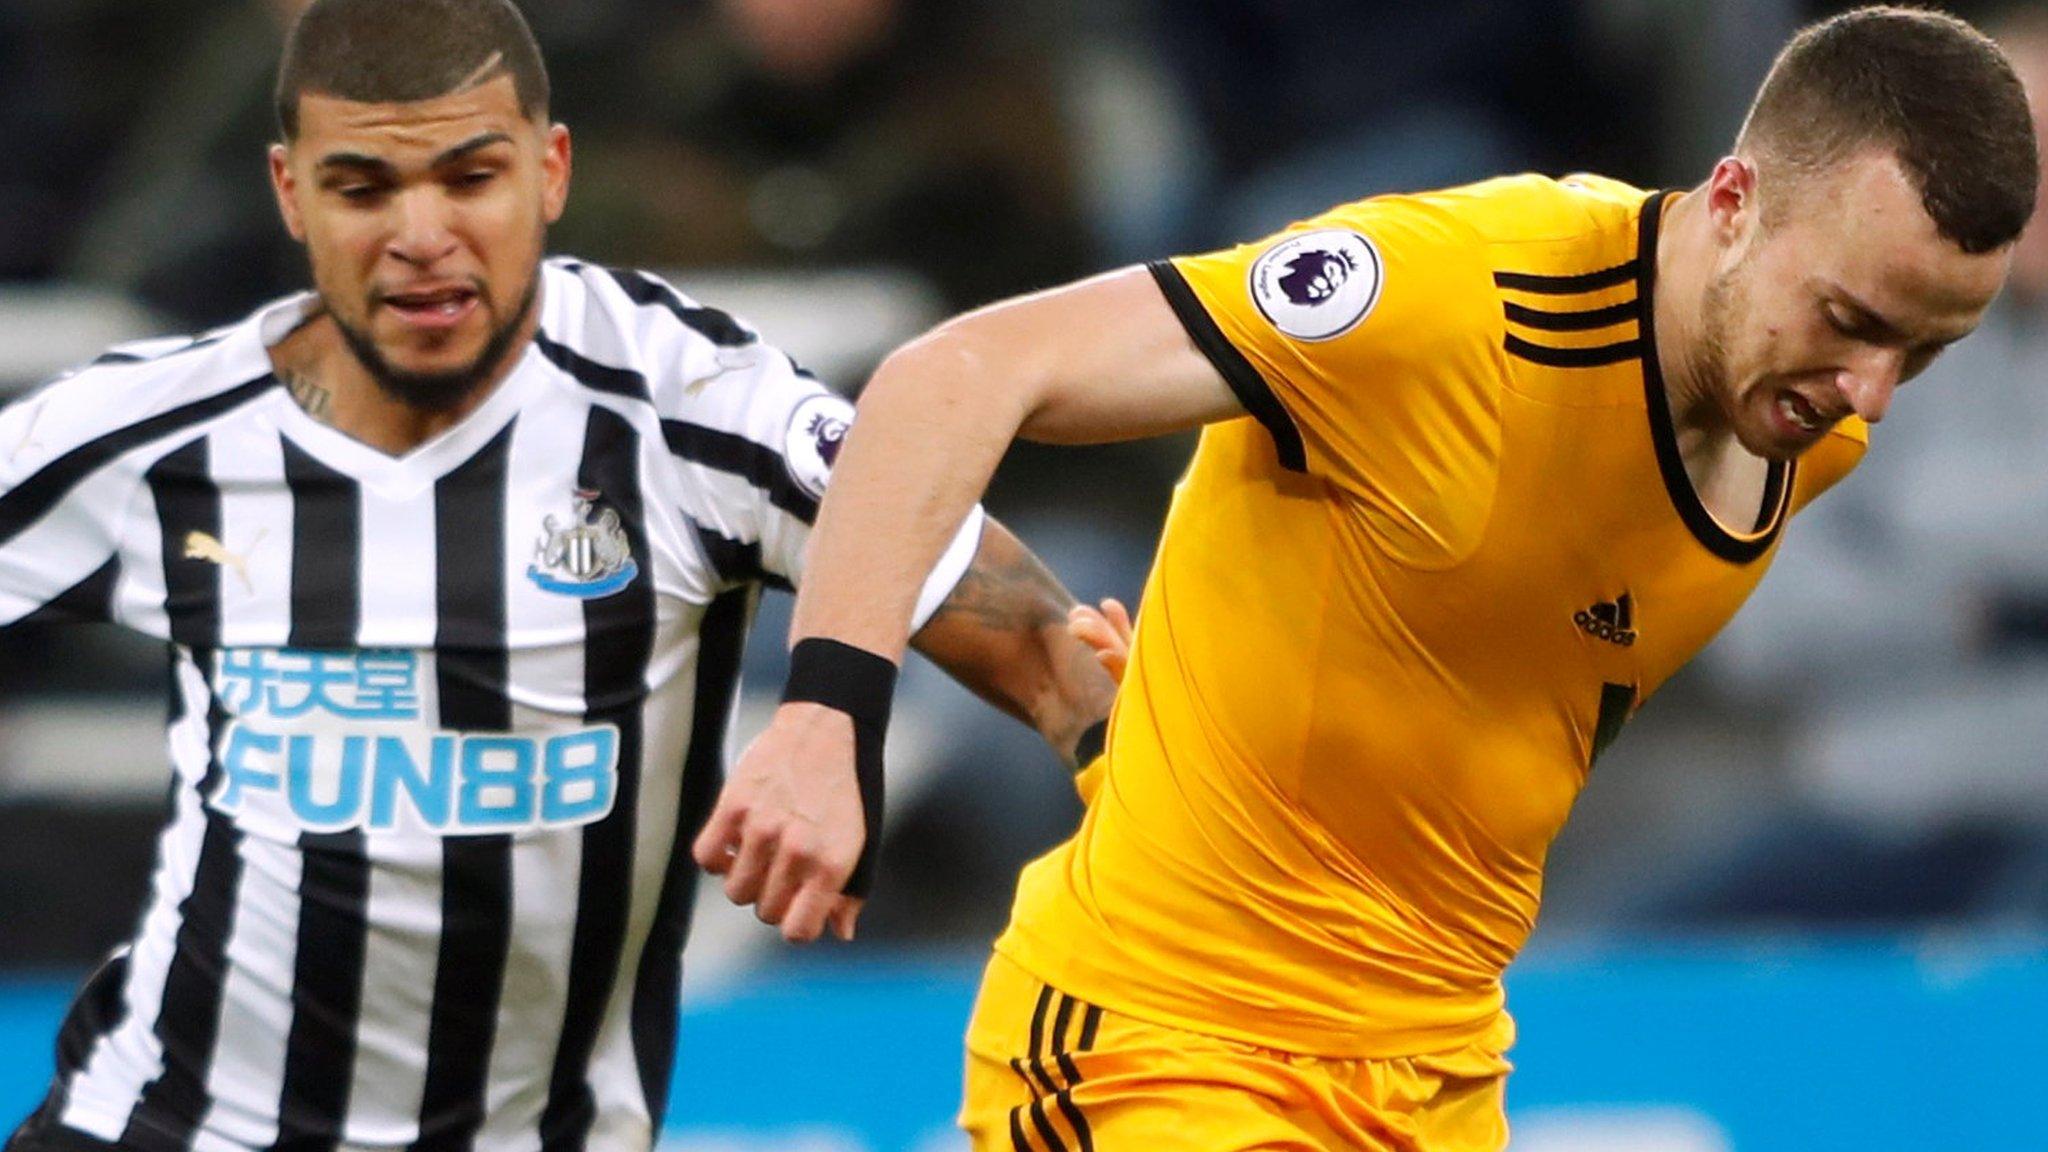 Newcastle 1-2 Wolves: Visitors score 95th-minute winner against 10 men